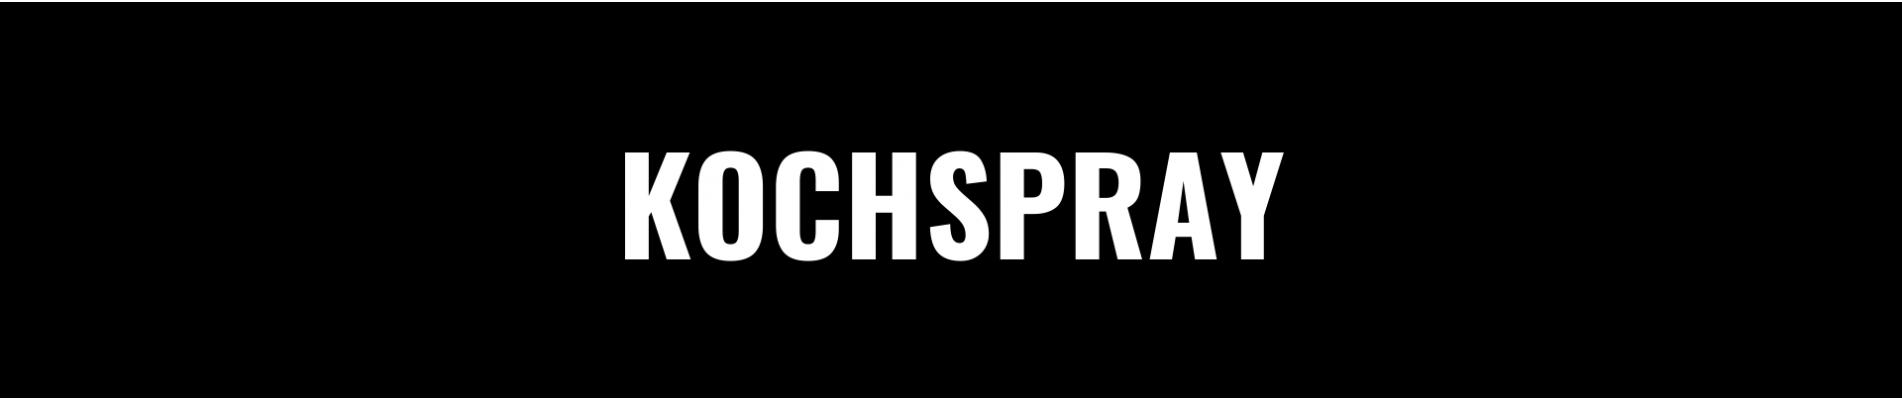 KOCHSPRAY